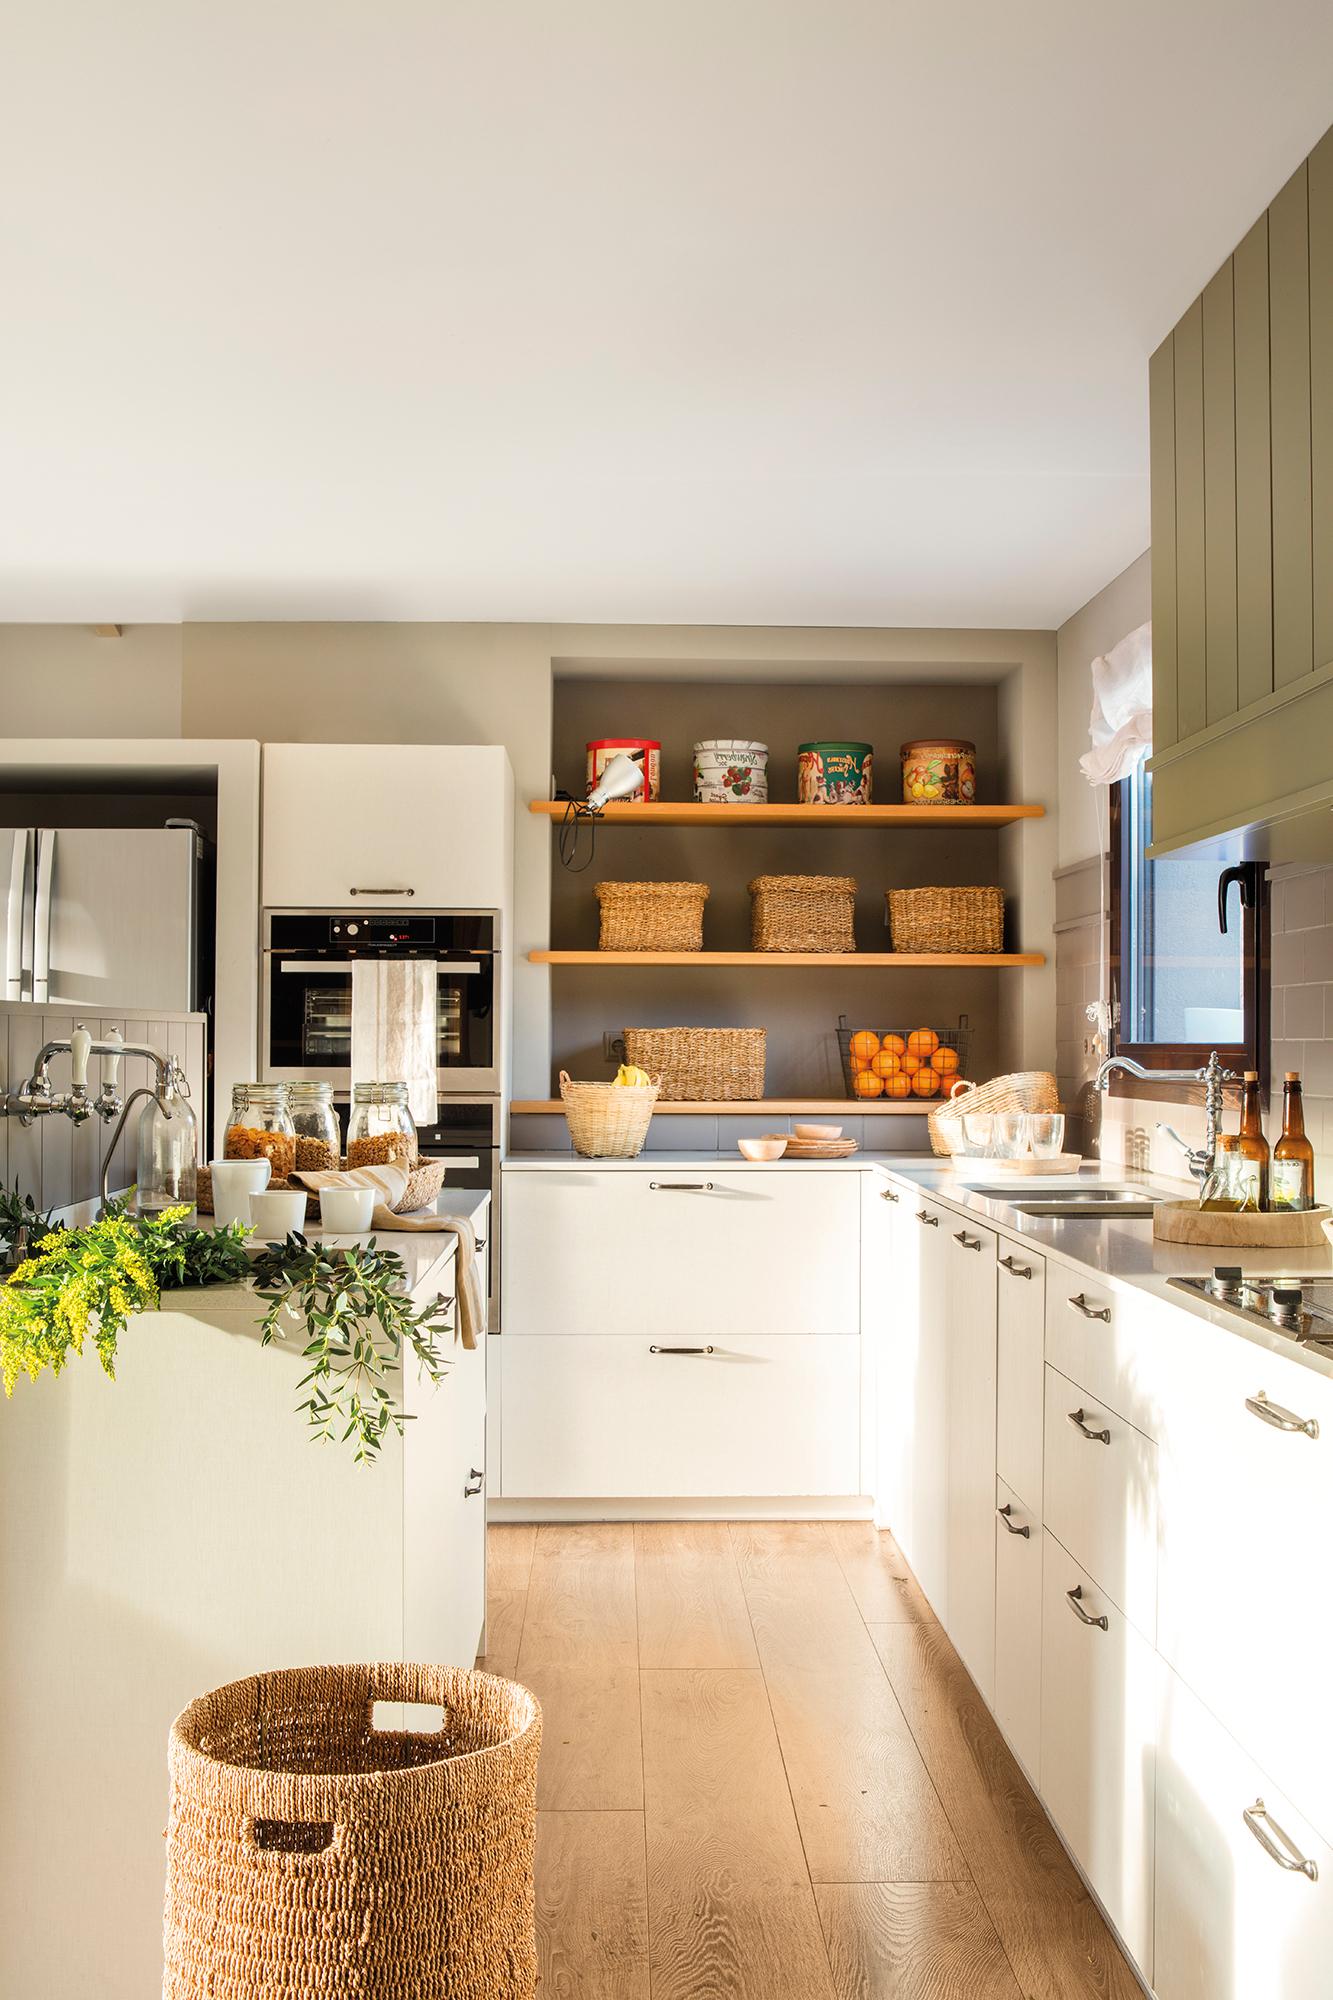 Cocinas Con Muebles Blancos Qwdq Cocinas Las 50 Mejores De El Mueble